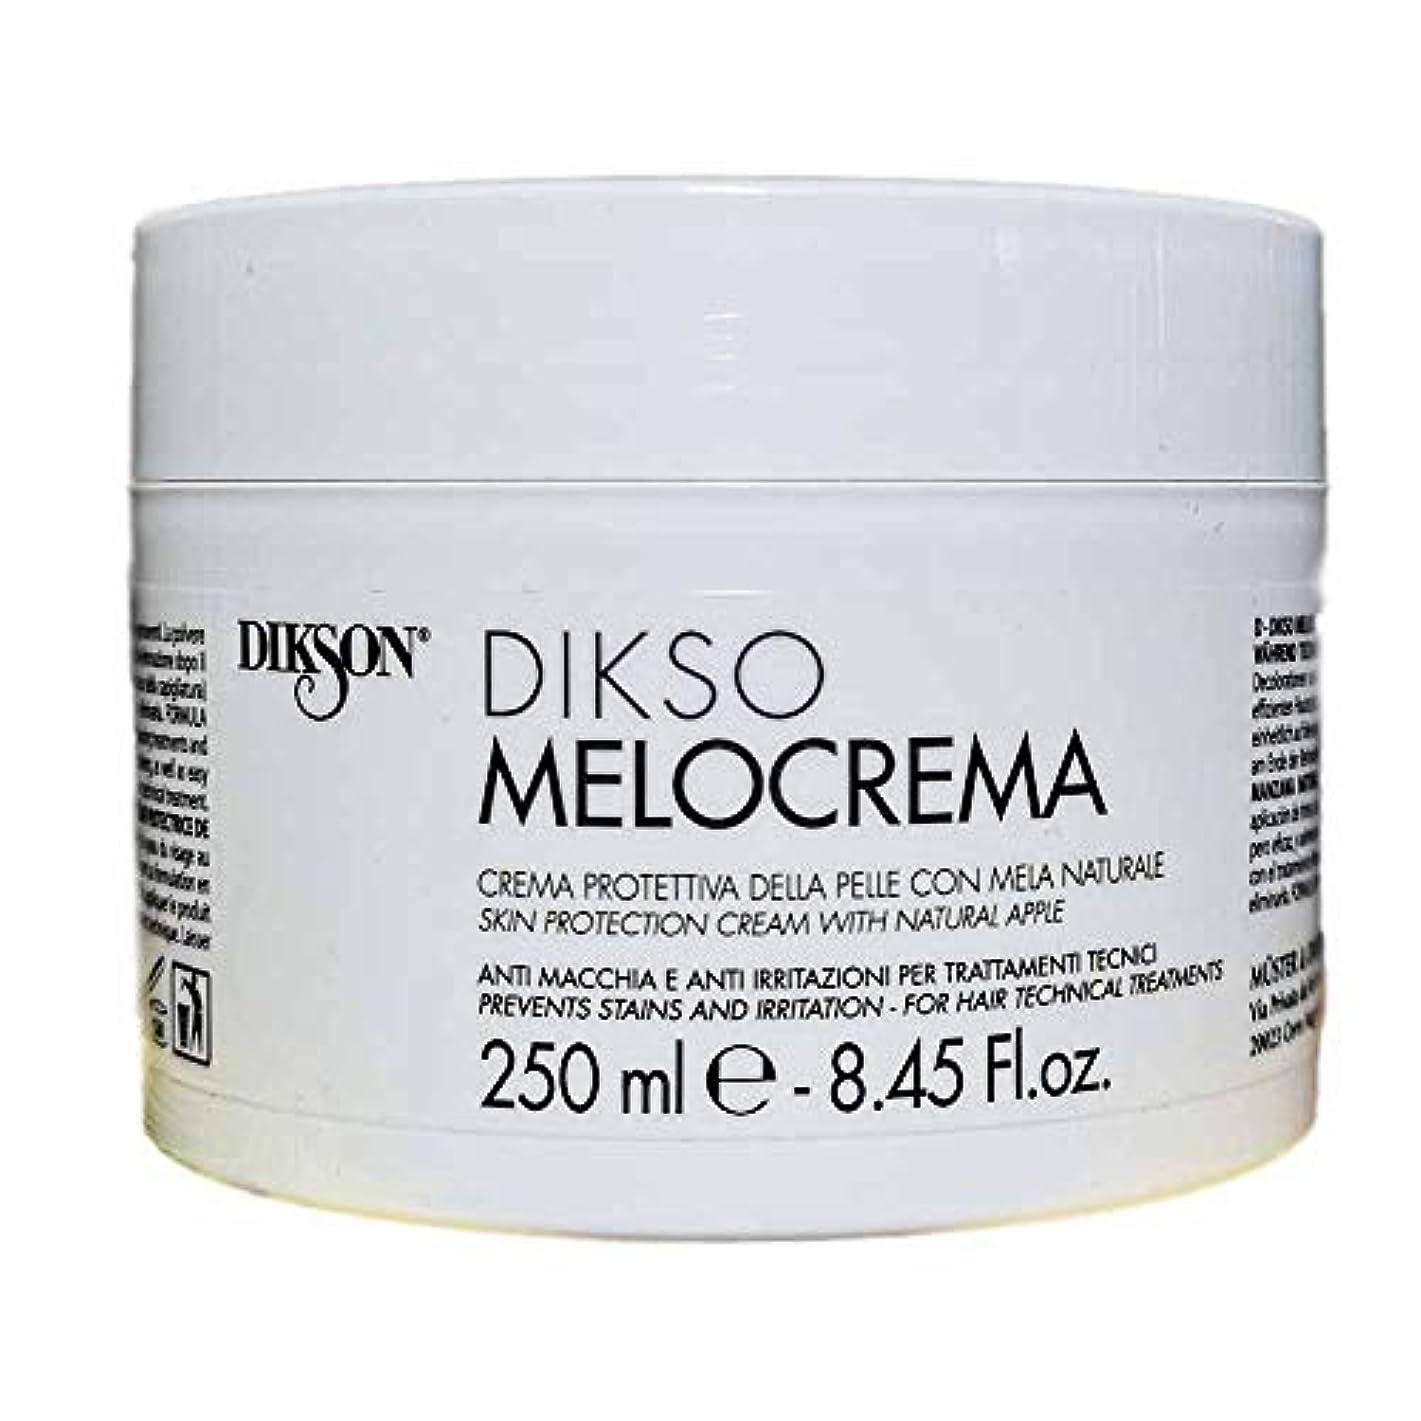 誘導ムス疼痛ディクソンヘア&スカルプケア - 250 ml